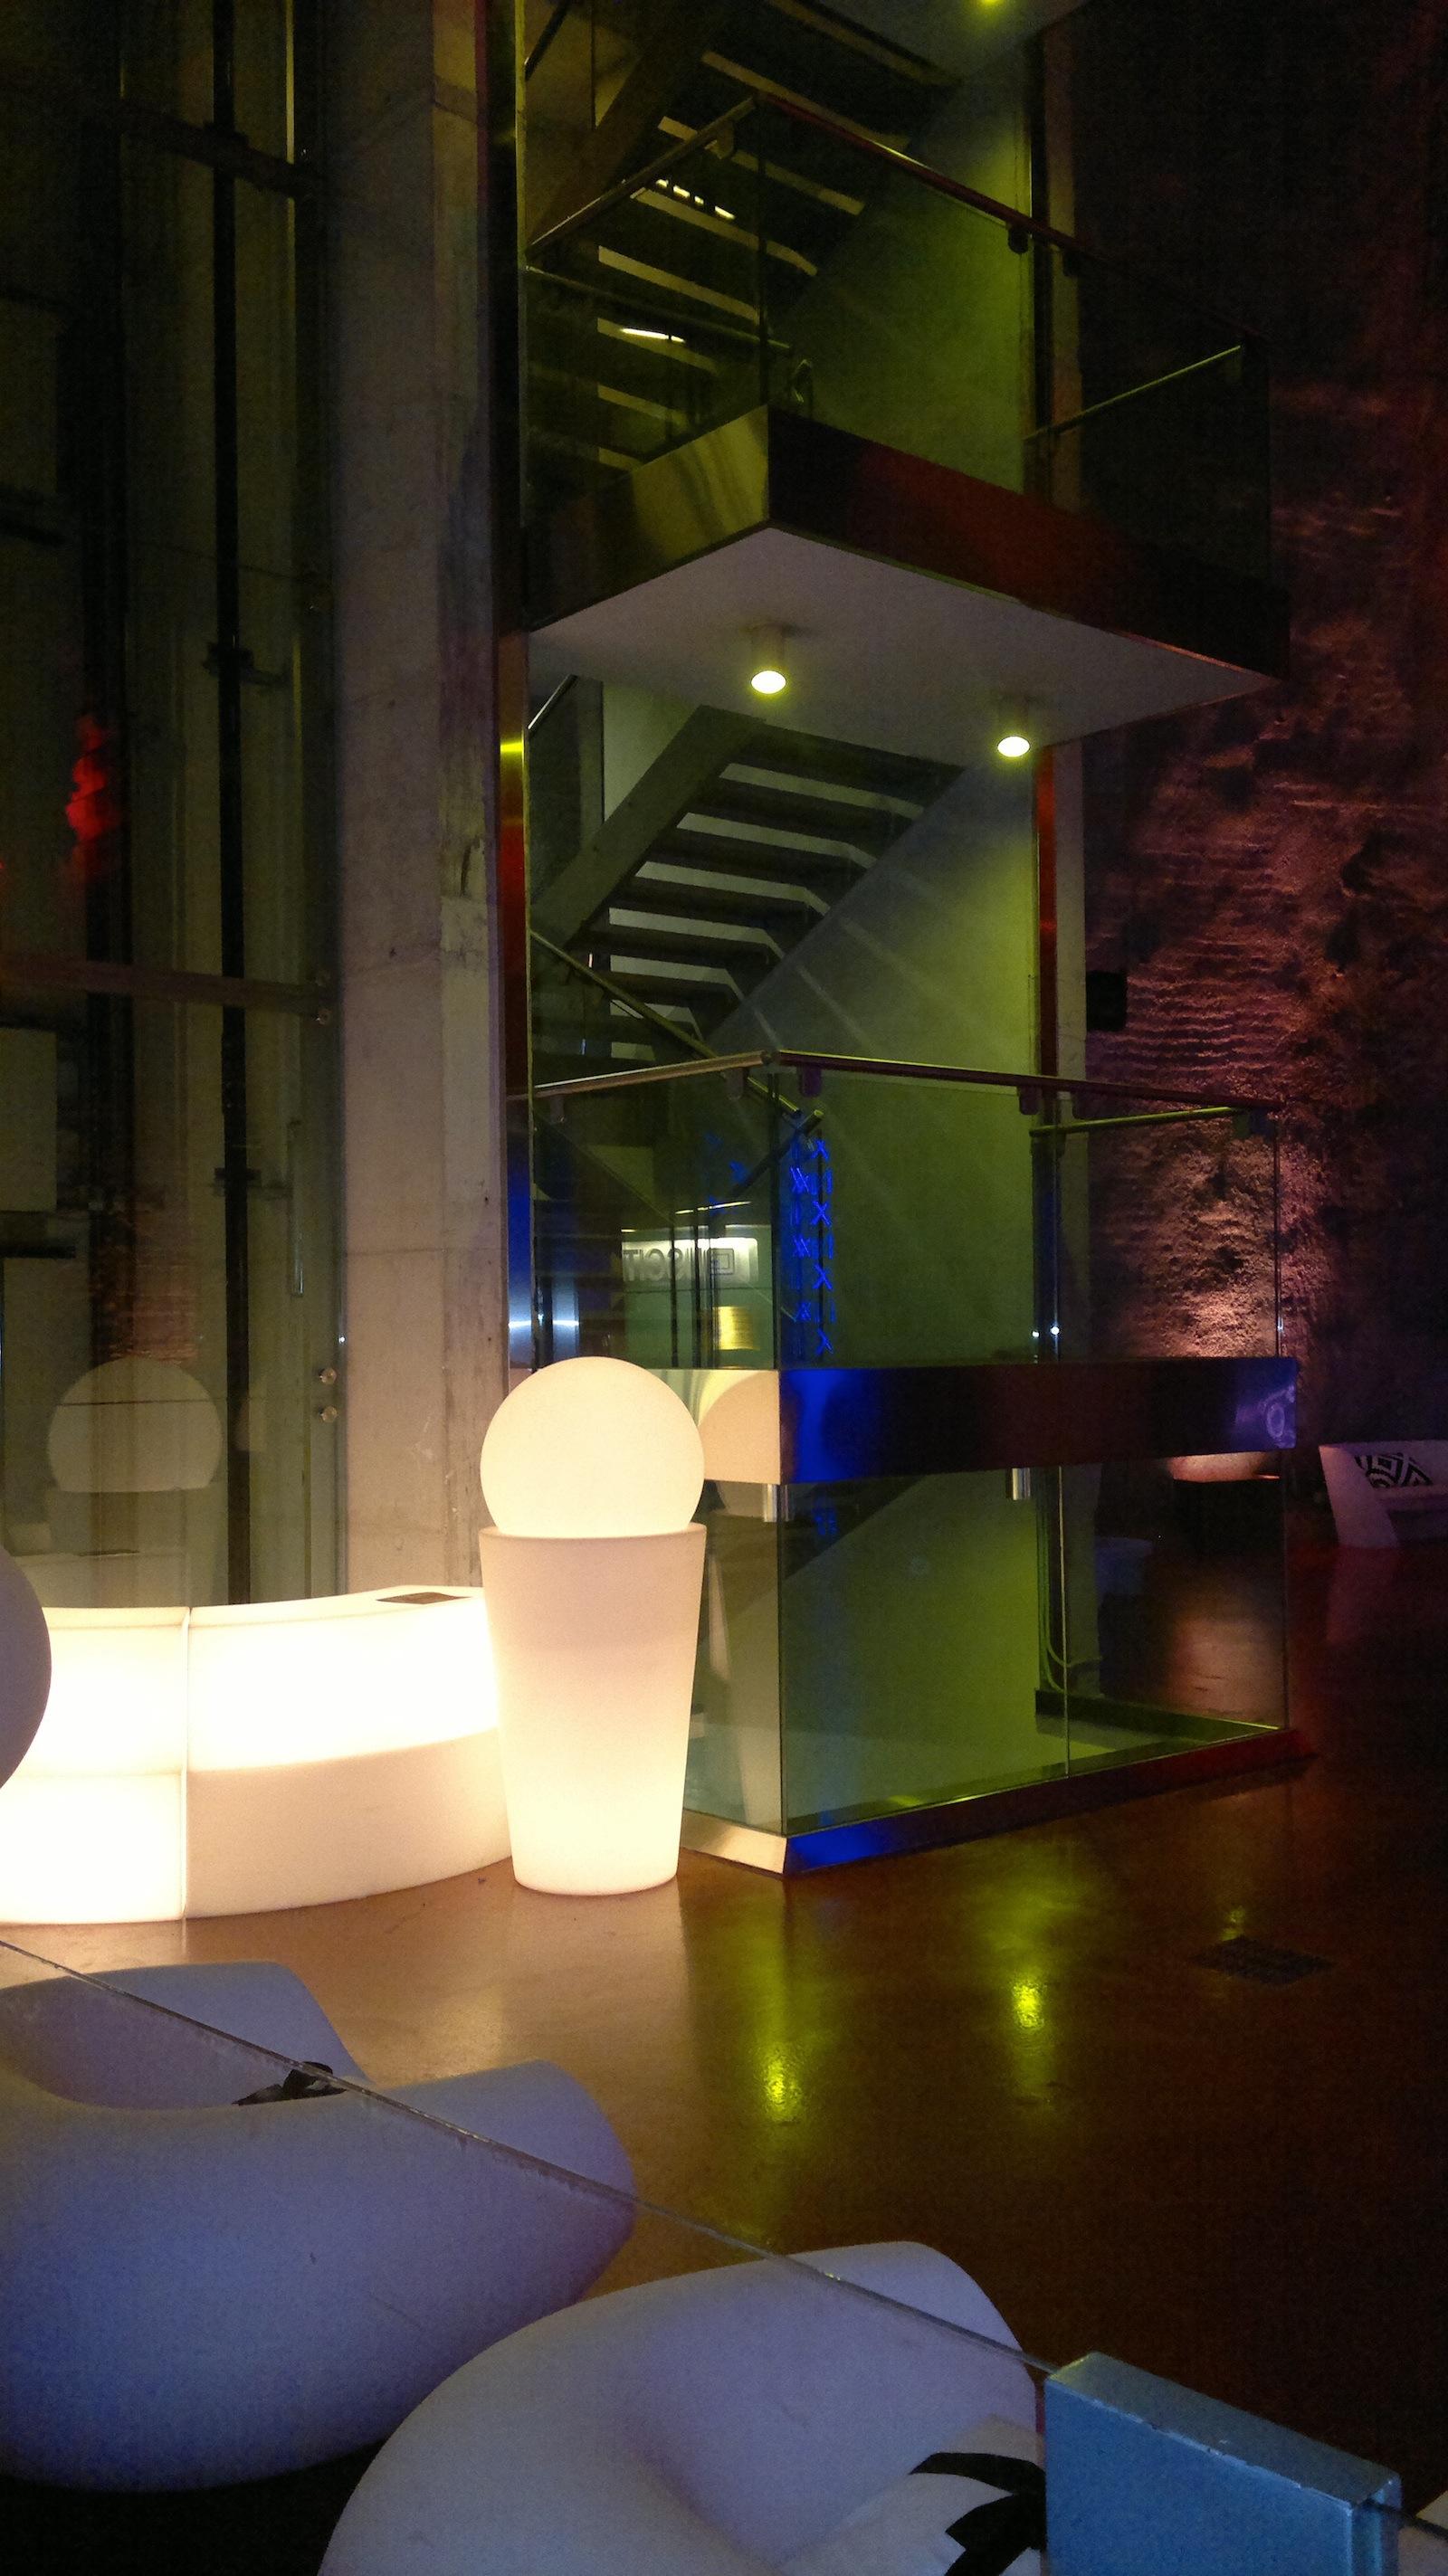 l'ascensore interno alla cavità